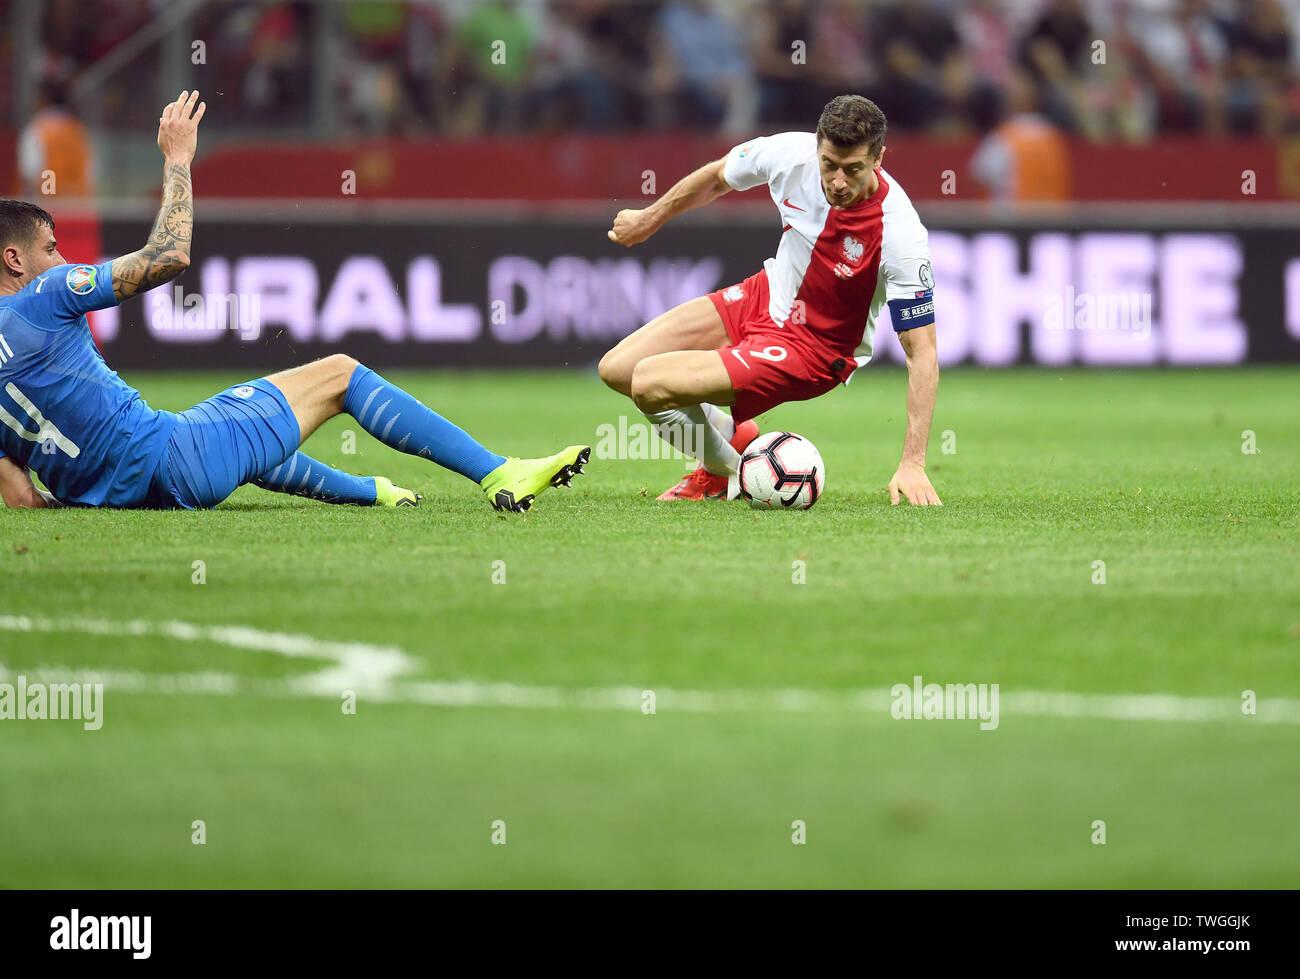 Warsaw, Poland, June 10, 2019: EURO 2020 qualifing round, group stage, Poland wins 4:0 with Izarel on PGE Narodowy. Nir Bitton (Izrael) Robert Lewandowski (Poland) - Stock Image